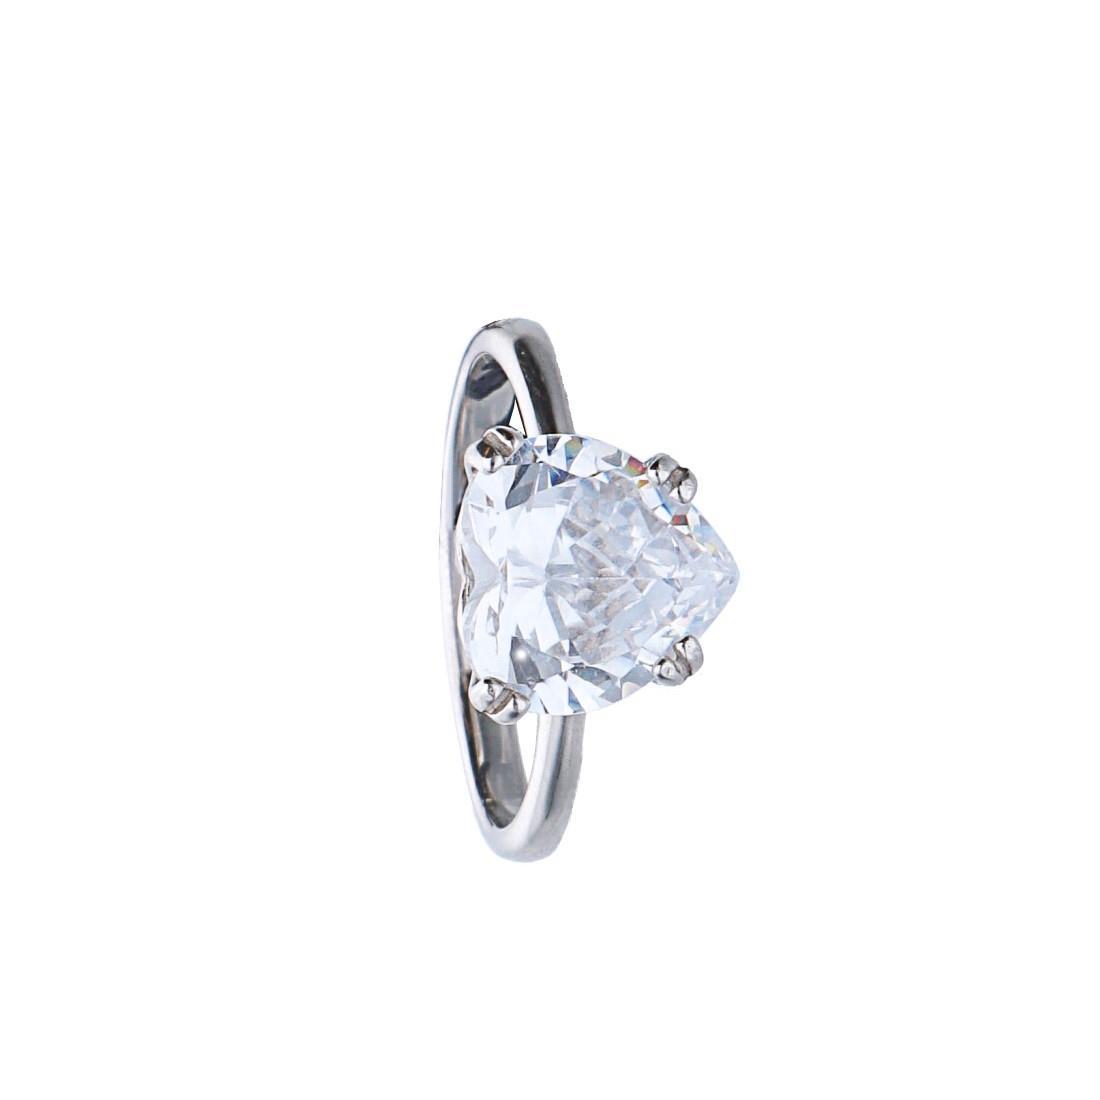 Anello in argento con pietra bianca taglio cuore mis 15 - BLISS